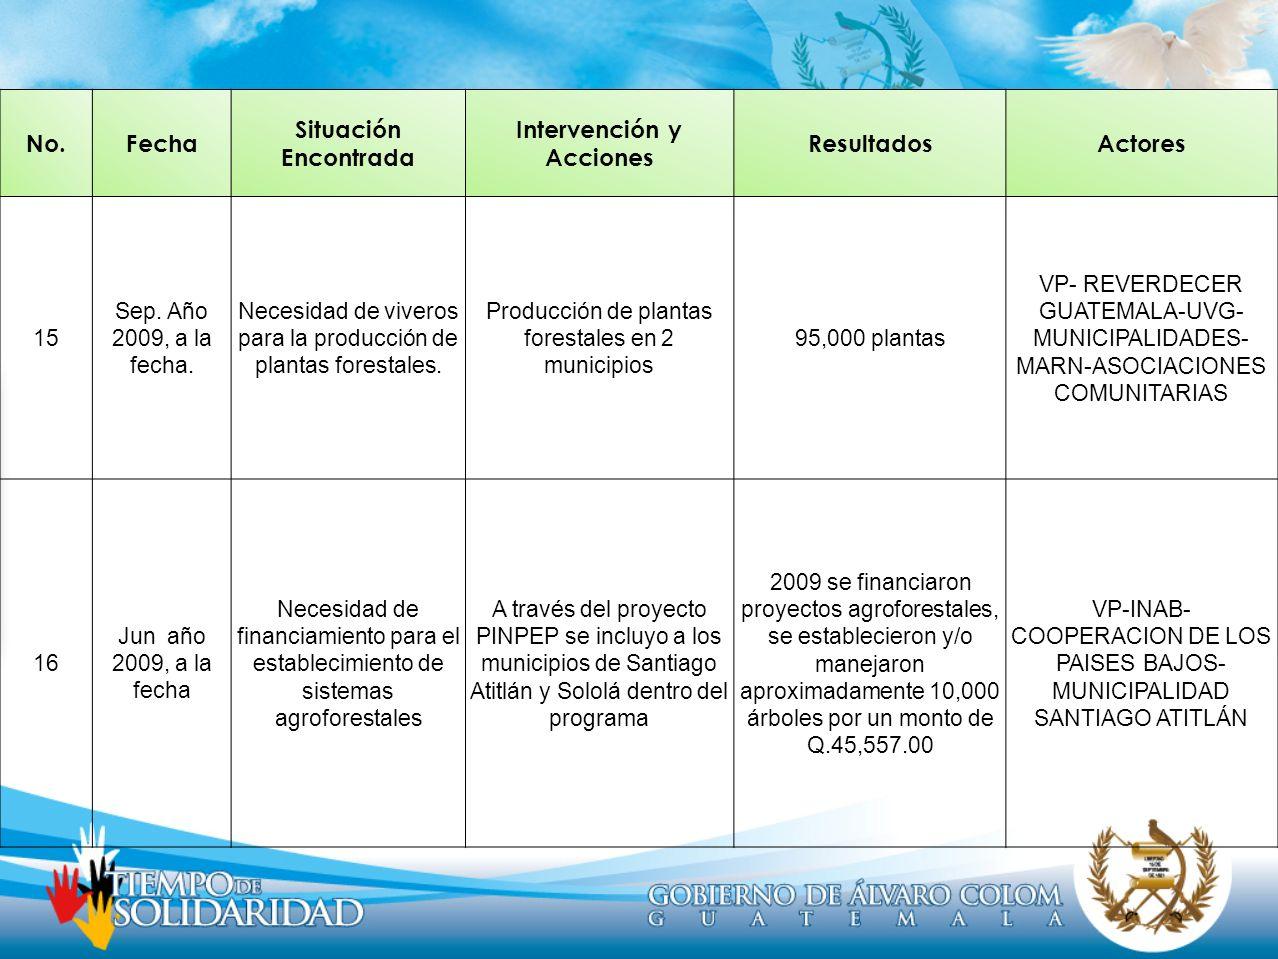 No.Fecha Situación Encontrada Intervención y Acciones ResultadosActores 15 Sep. Año 2009, a la fecha. Necesidad de viveros para la producción de plant